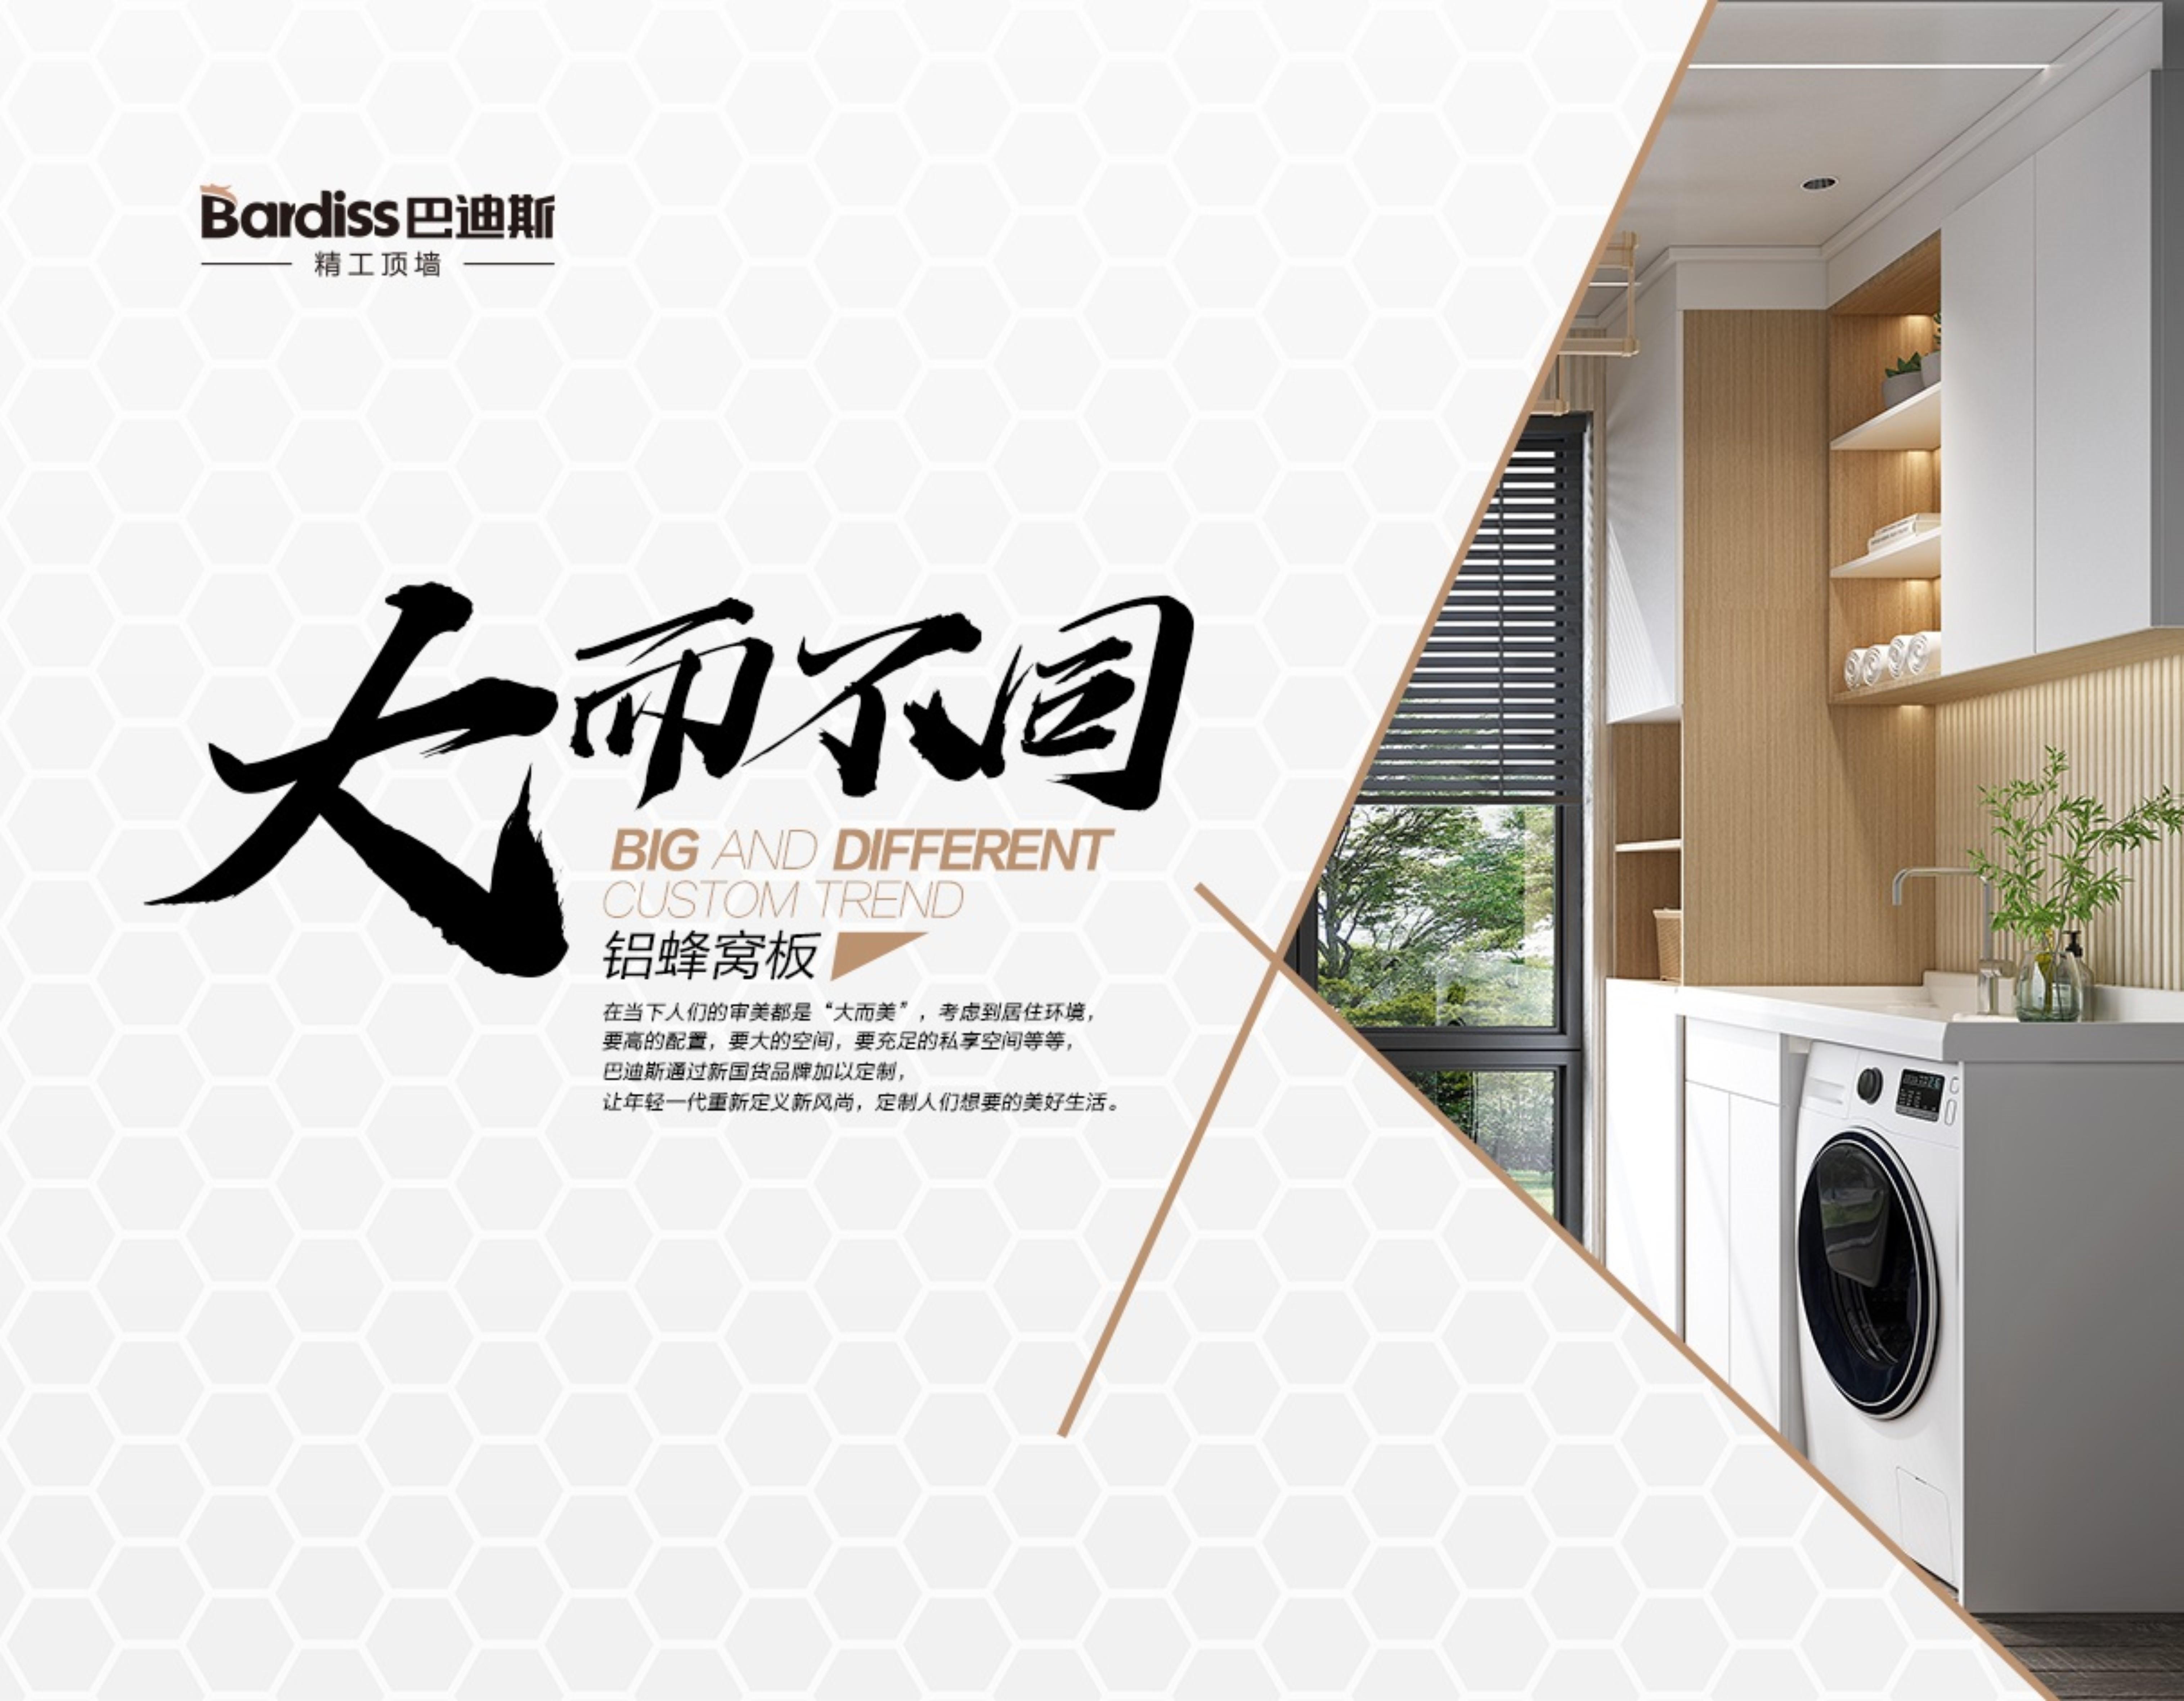 【观展交通指引】第10届中国广州定制家居展览会,巴迪斯在3B01恭候您的到来!